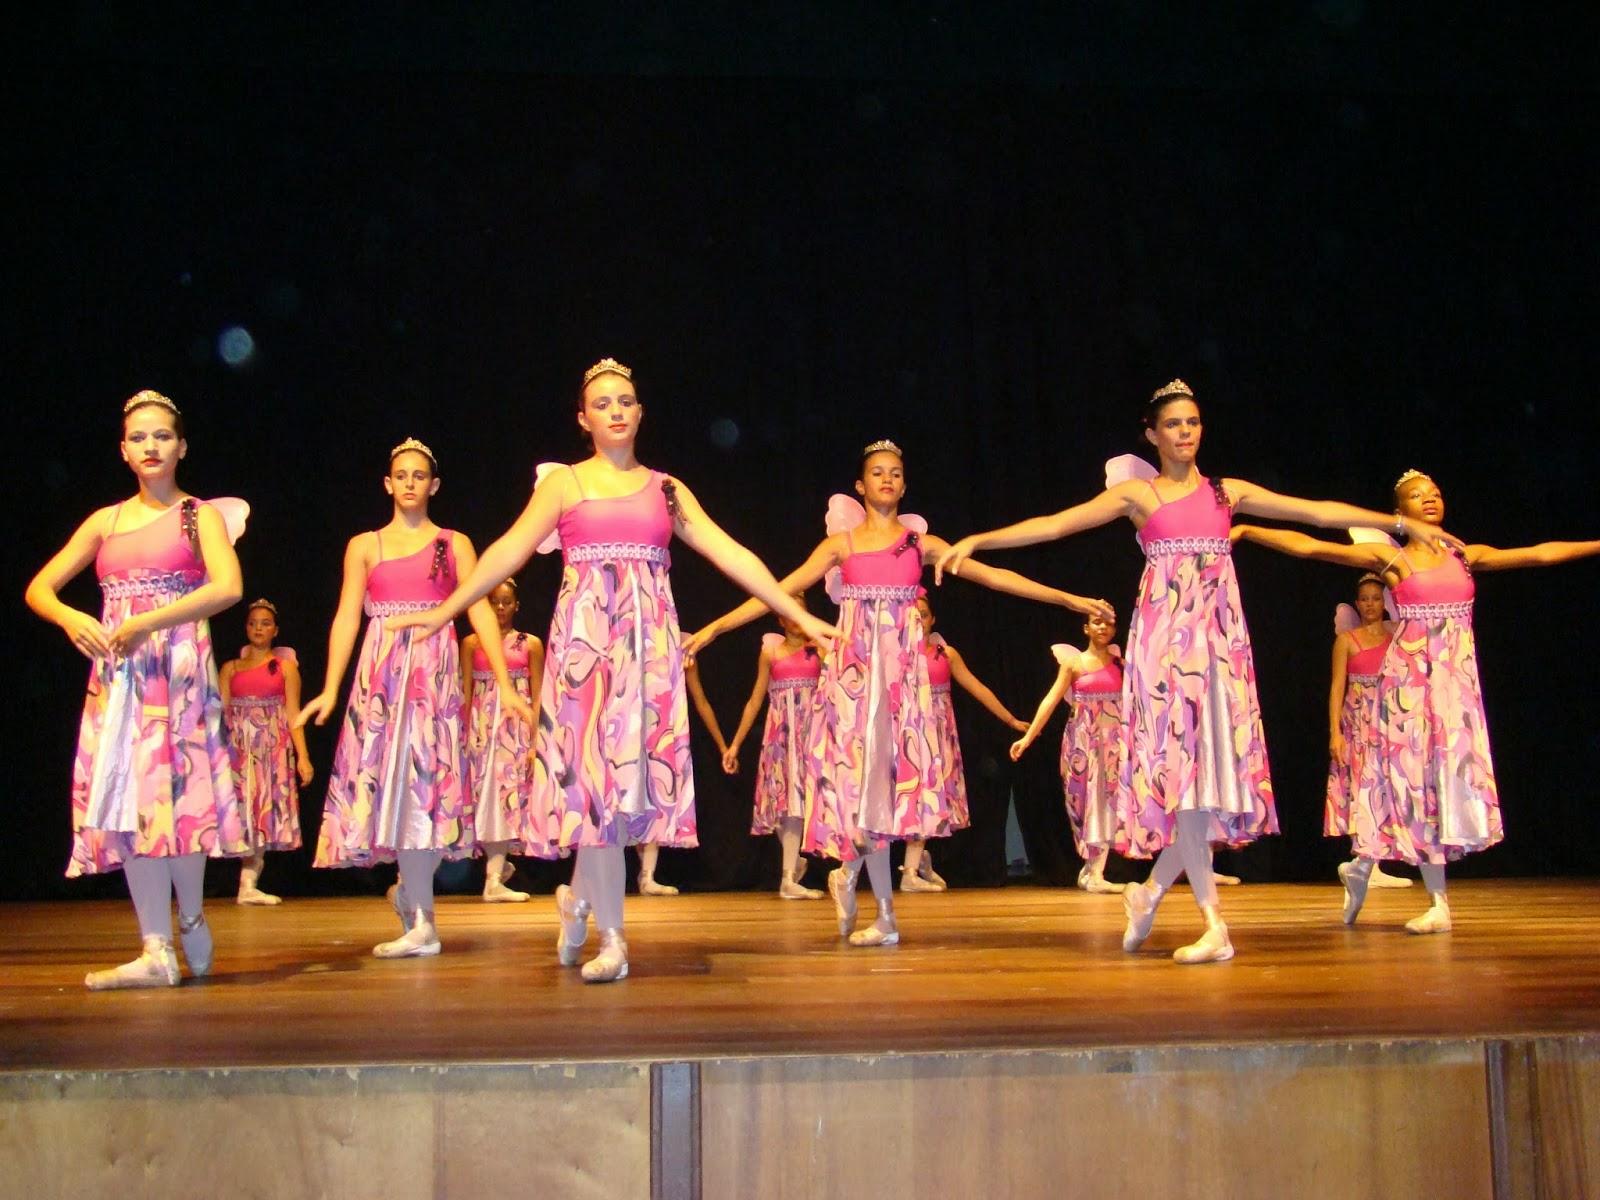 Novas Ideias de Figurinos para Dança Evangélica